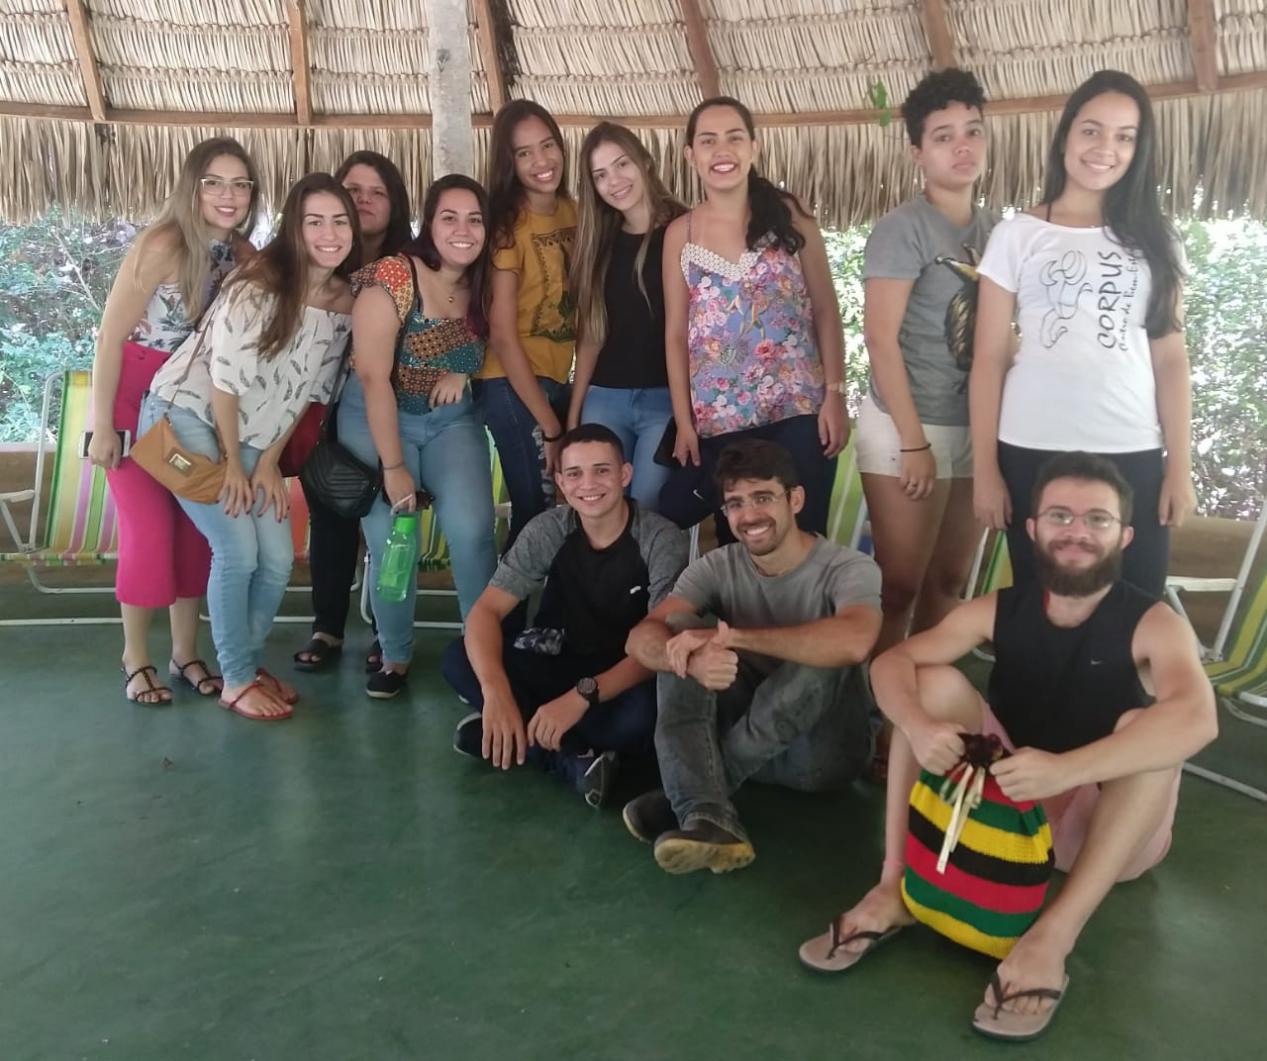 Os alunos dos Cursos de Arquitetura e Urbanismo, Engenharia Civil e Engenharia de Produção da Unichristus visitaram o Sítio de Permacultura Floresta